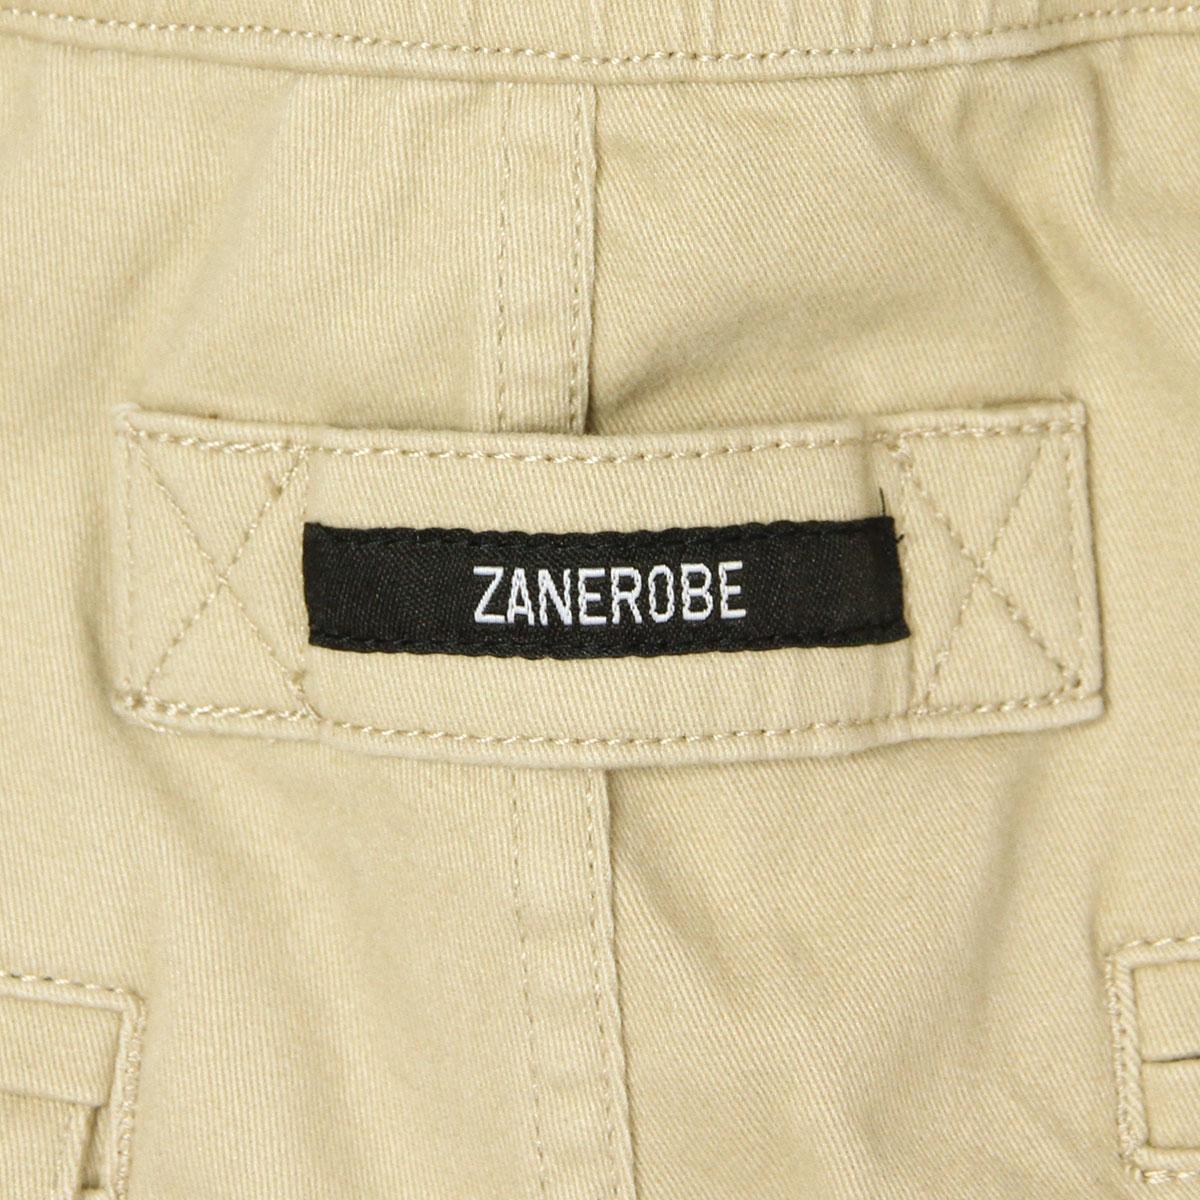 ゼンローブ ZANEROBE 正規販売店 メンズ チノ ジョガーパンツ SURESHOT CHINO JOGGER PANTS TAN 756JP-MTG A13B B1C C2D D2E E18F